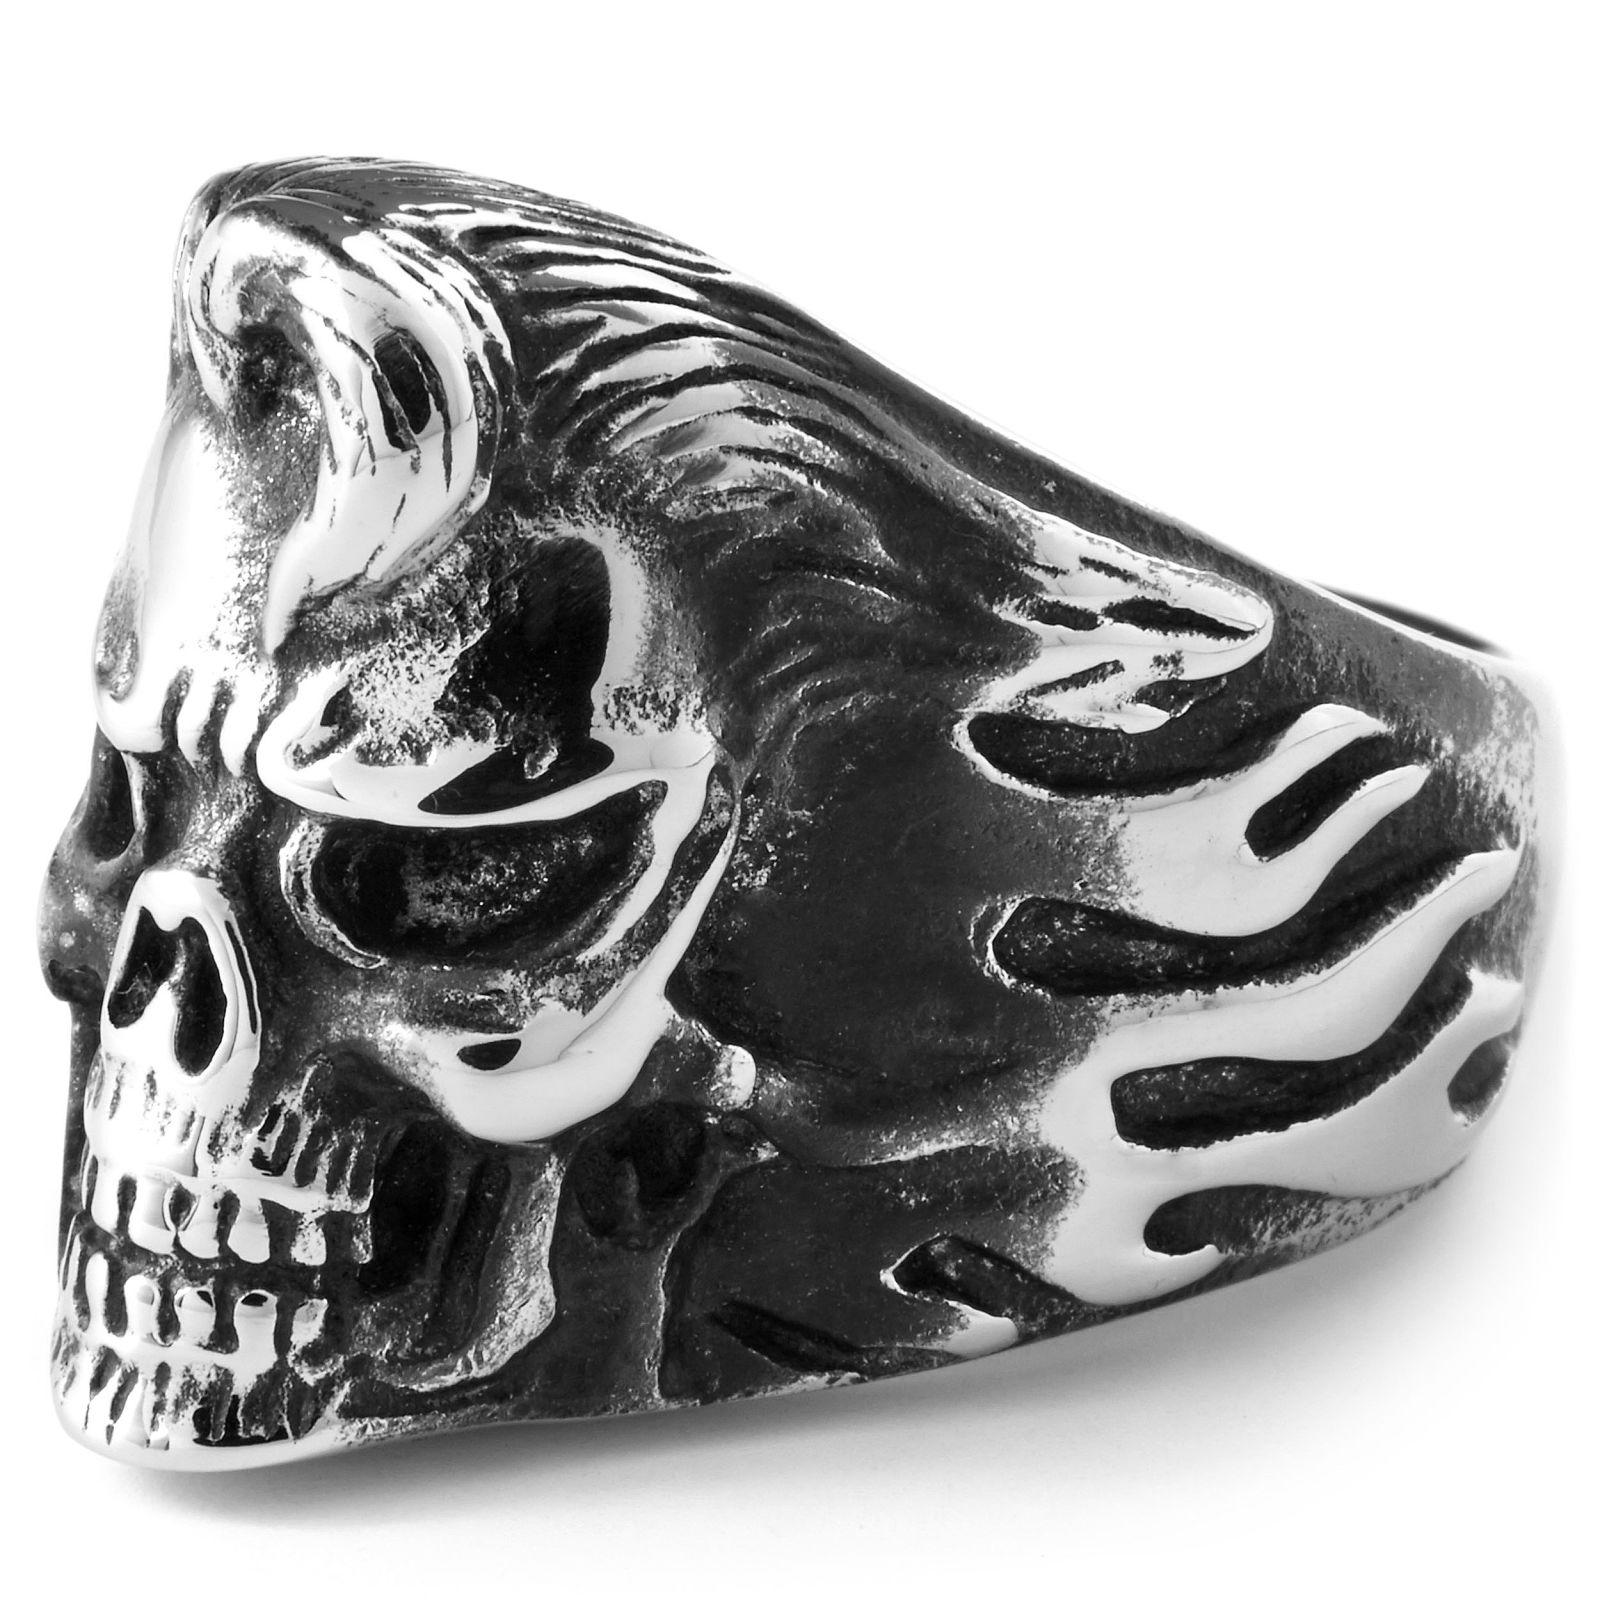 Ατσαλένιο Δαχτυλίδι Elvis Skull  61f35c49b07